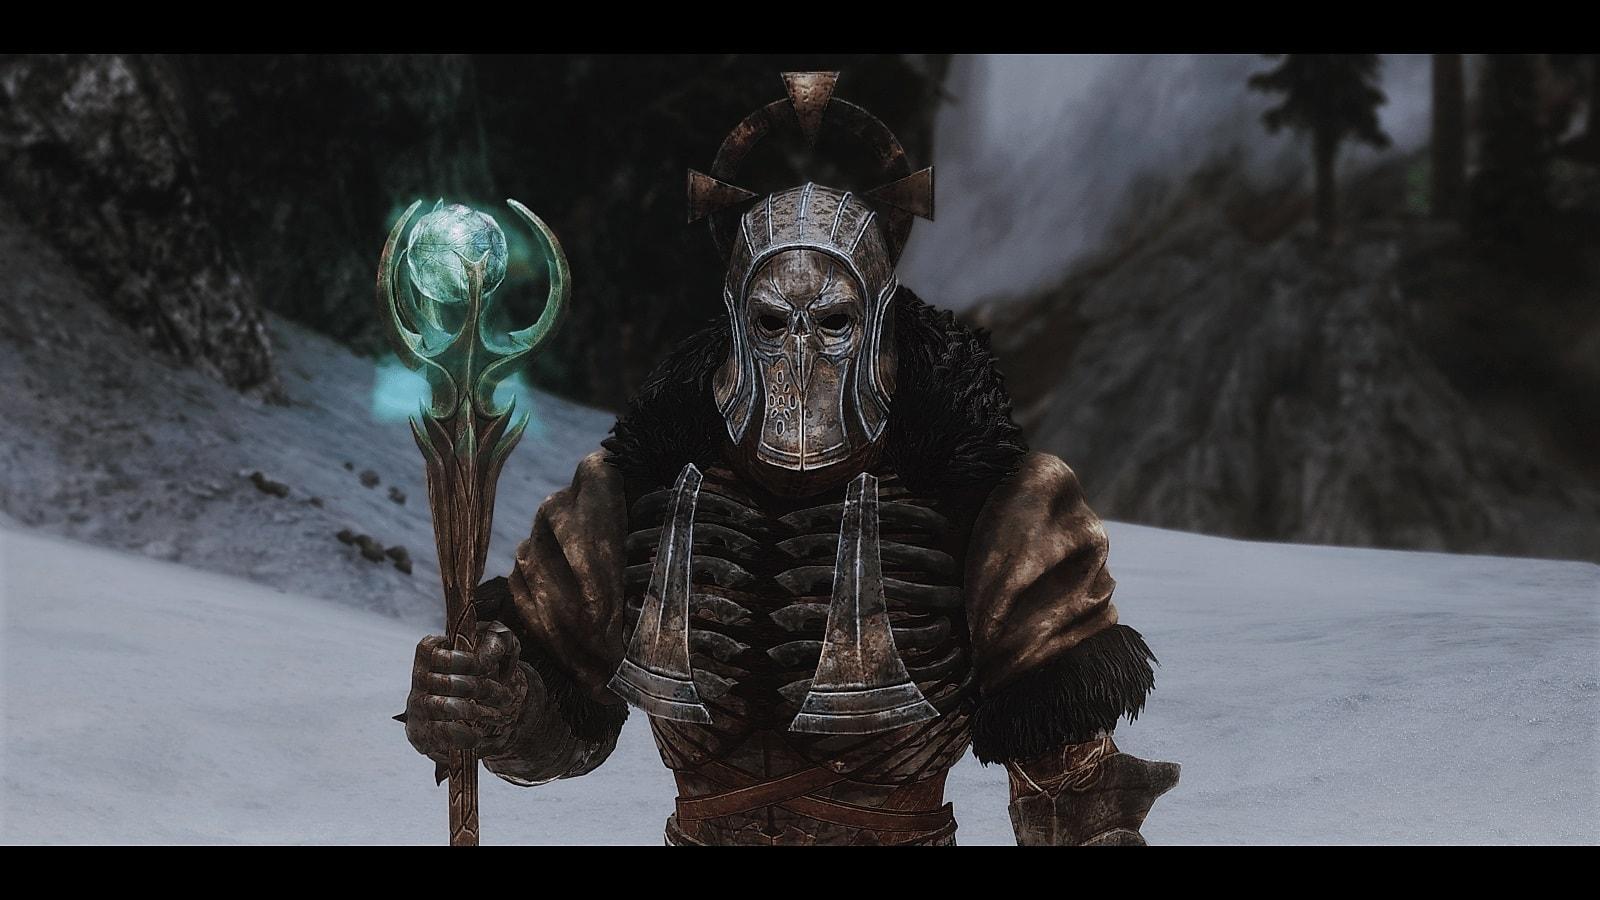 Witcher 3 Caranthir Armor | Ведьмак 3 - Броня Карантира